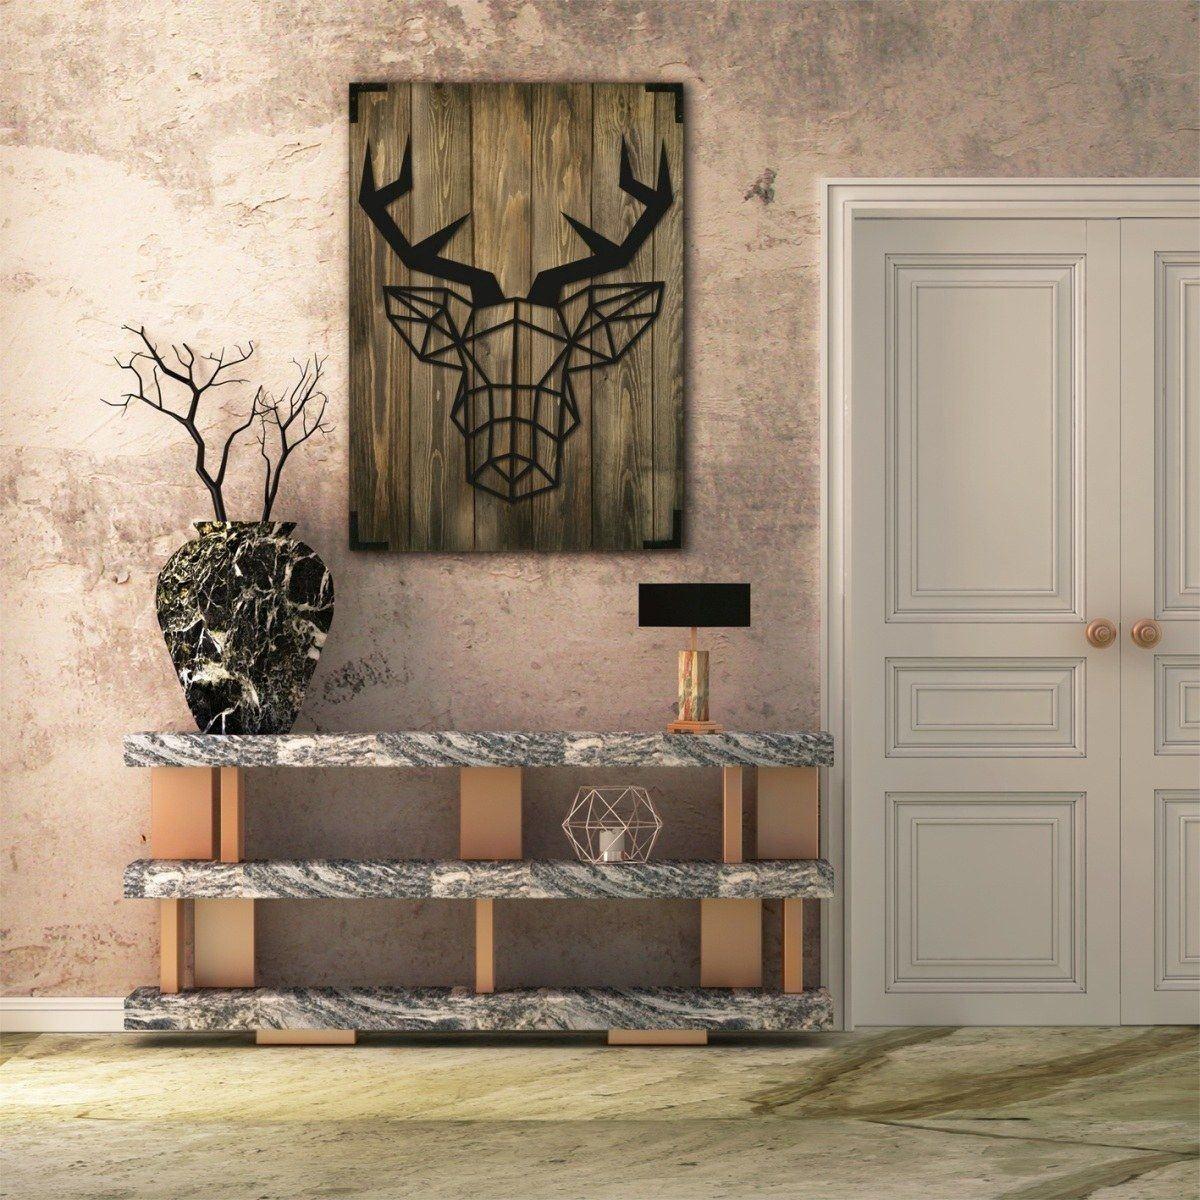 Modernes Holz Wandbild mit Laserdruck.